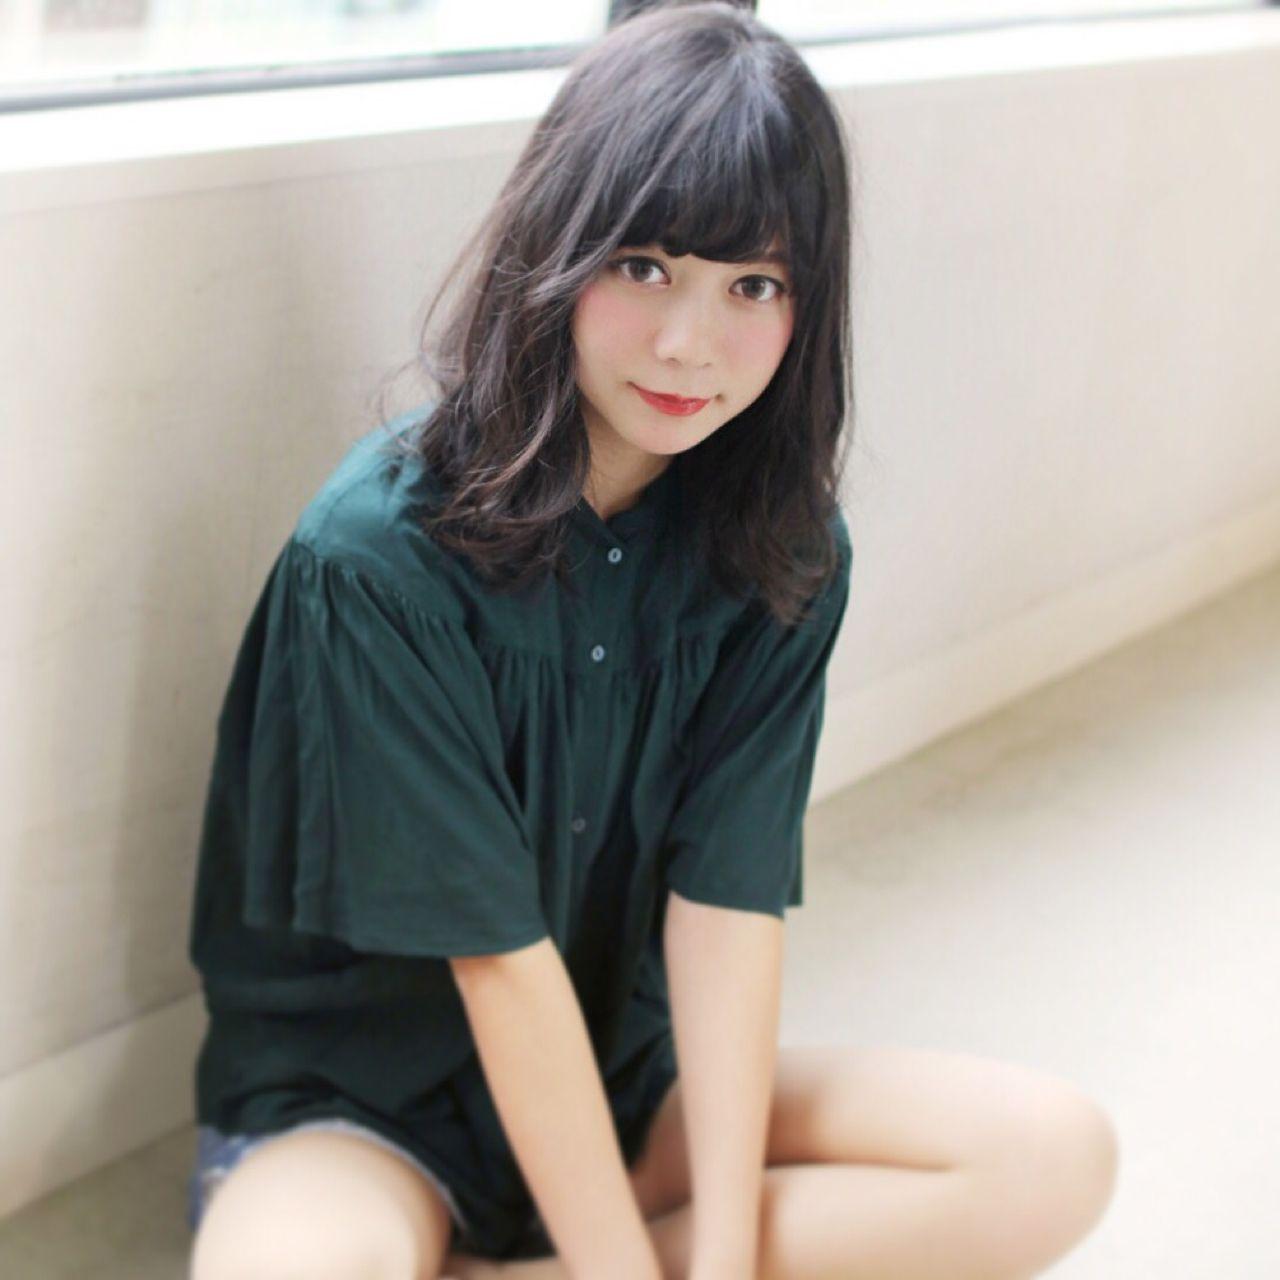 どはまりするヘアスタイル!かわいい女の子特集♡ 【hair】